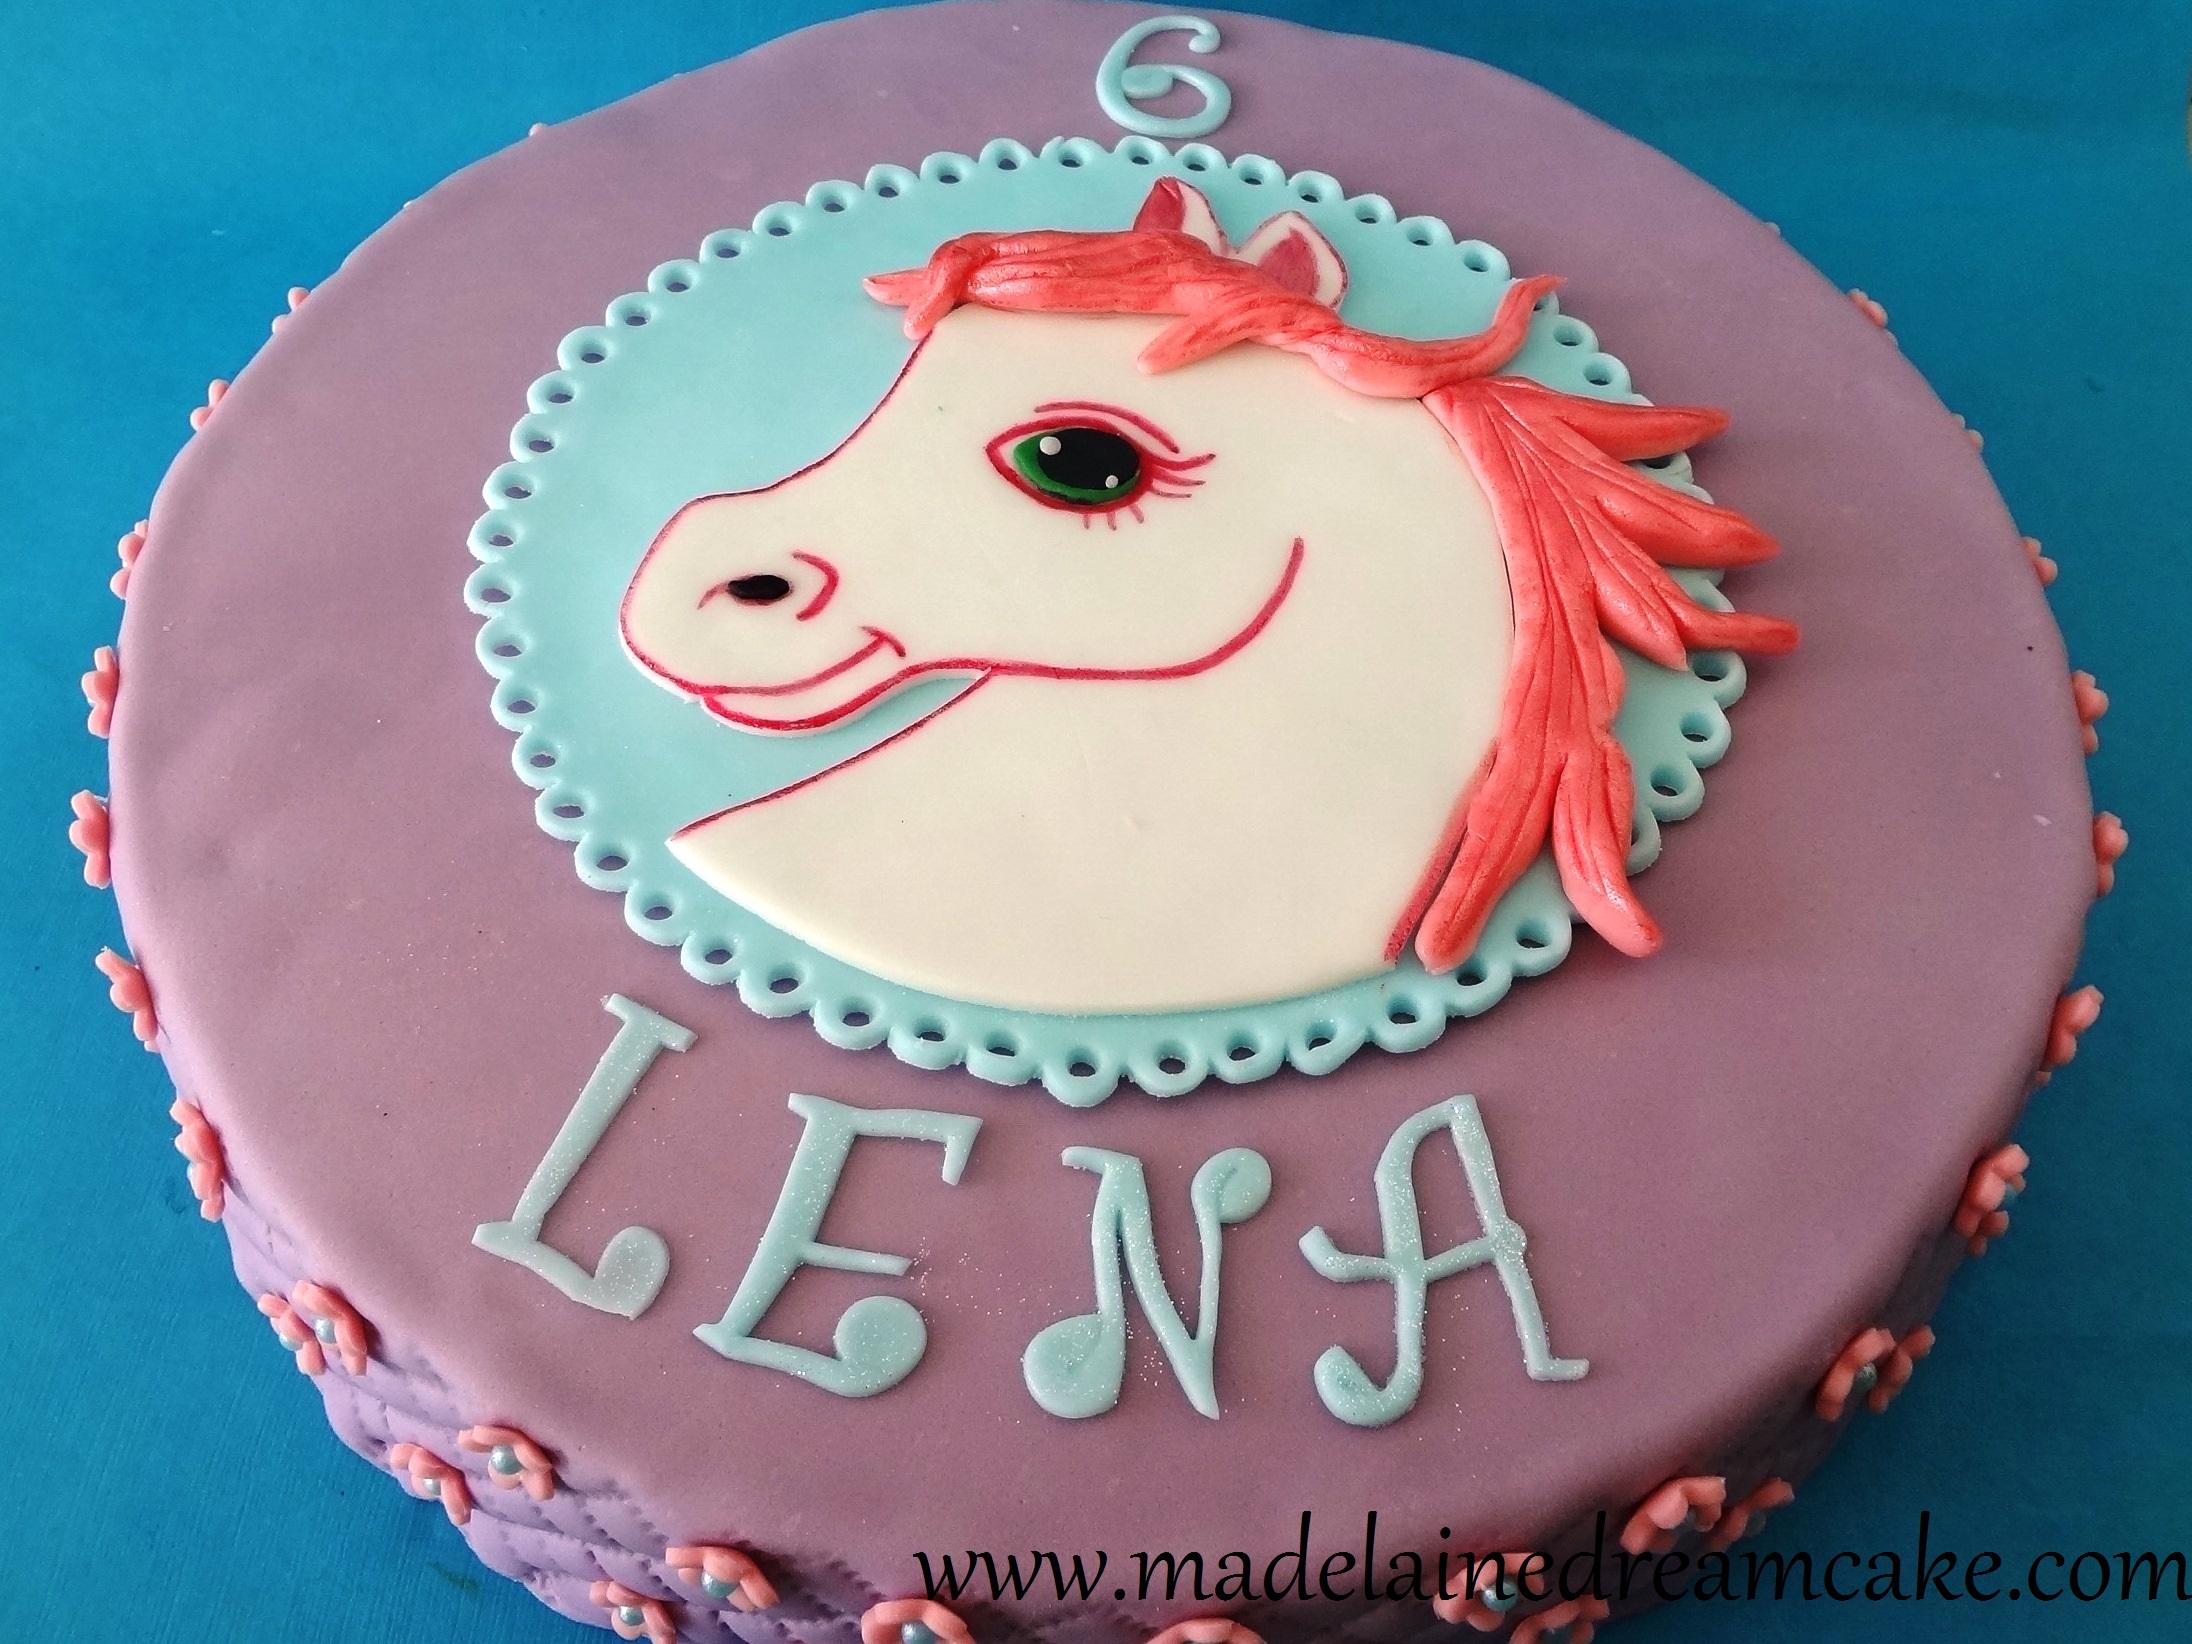 Rossli Torte Madelainedreamcake